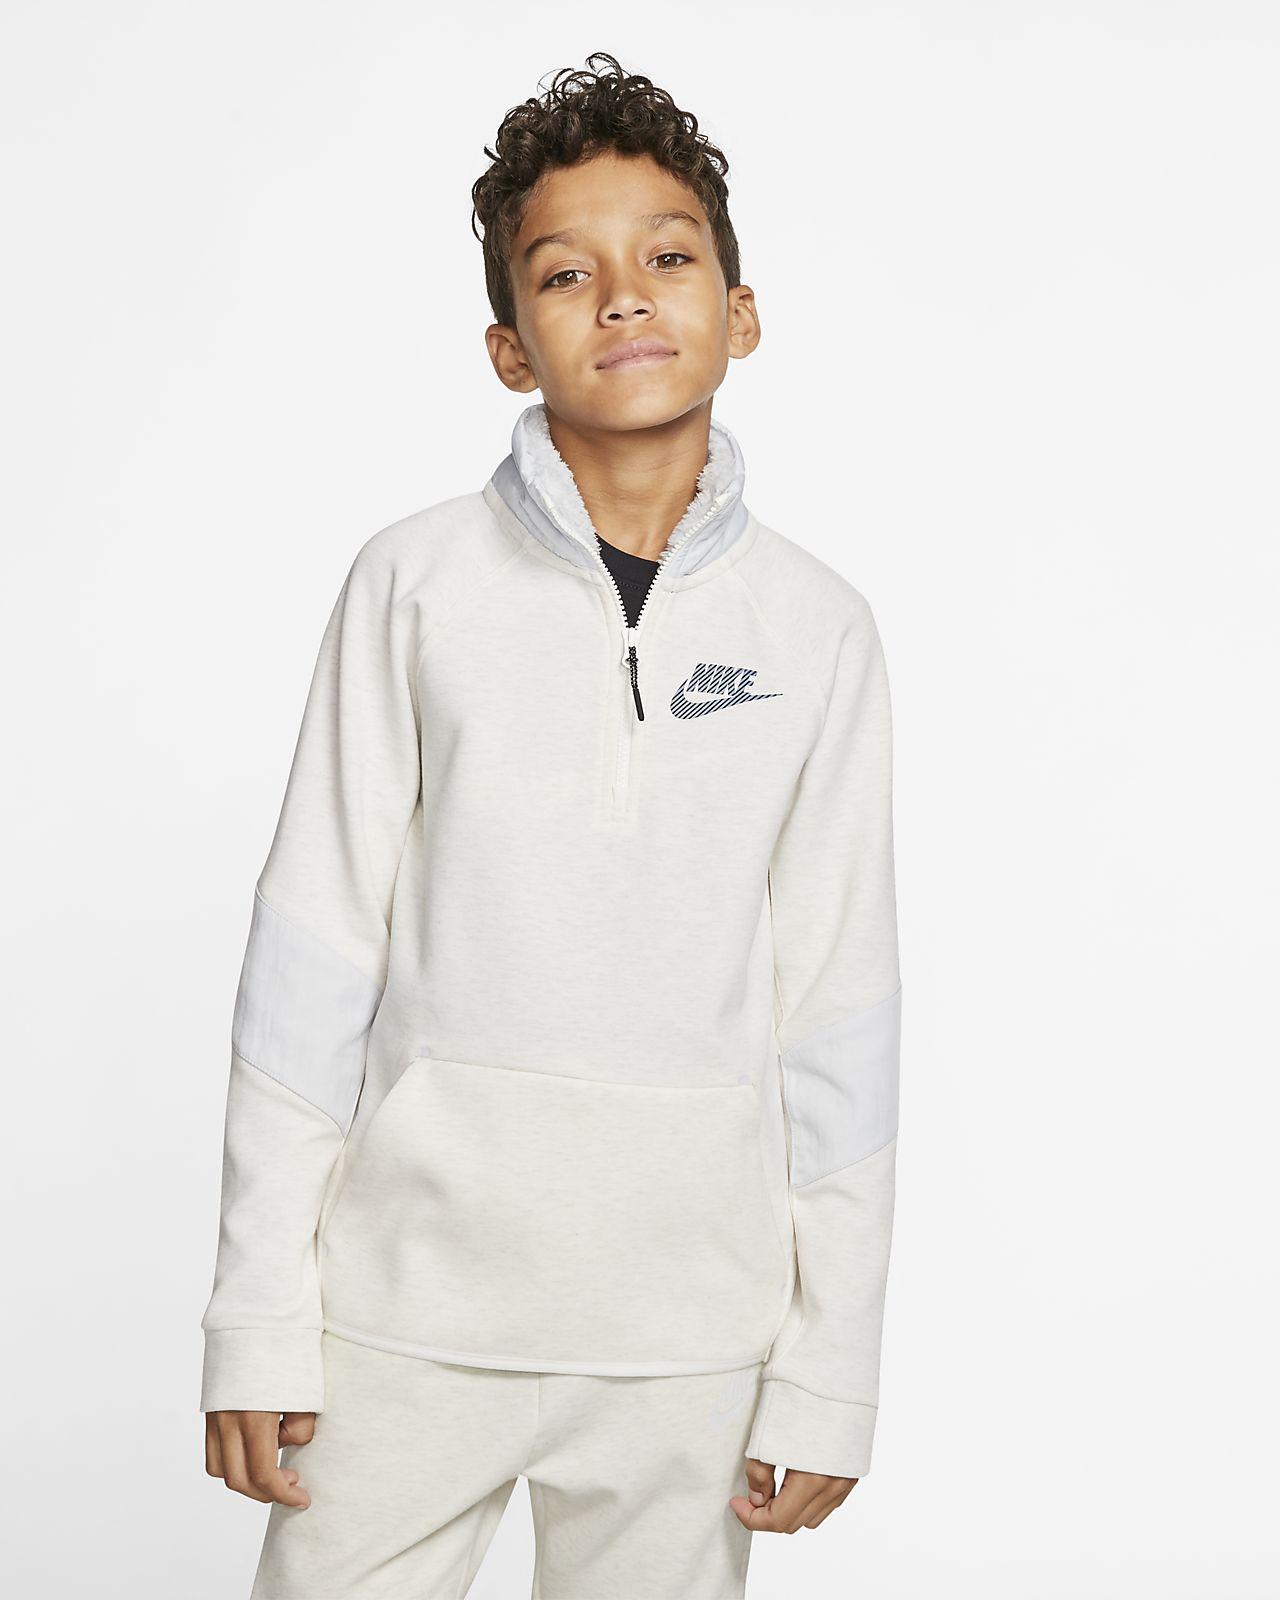 Nike Sportswear Winterized Tech Fleece Older Kids' Long-Sleeve Top